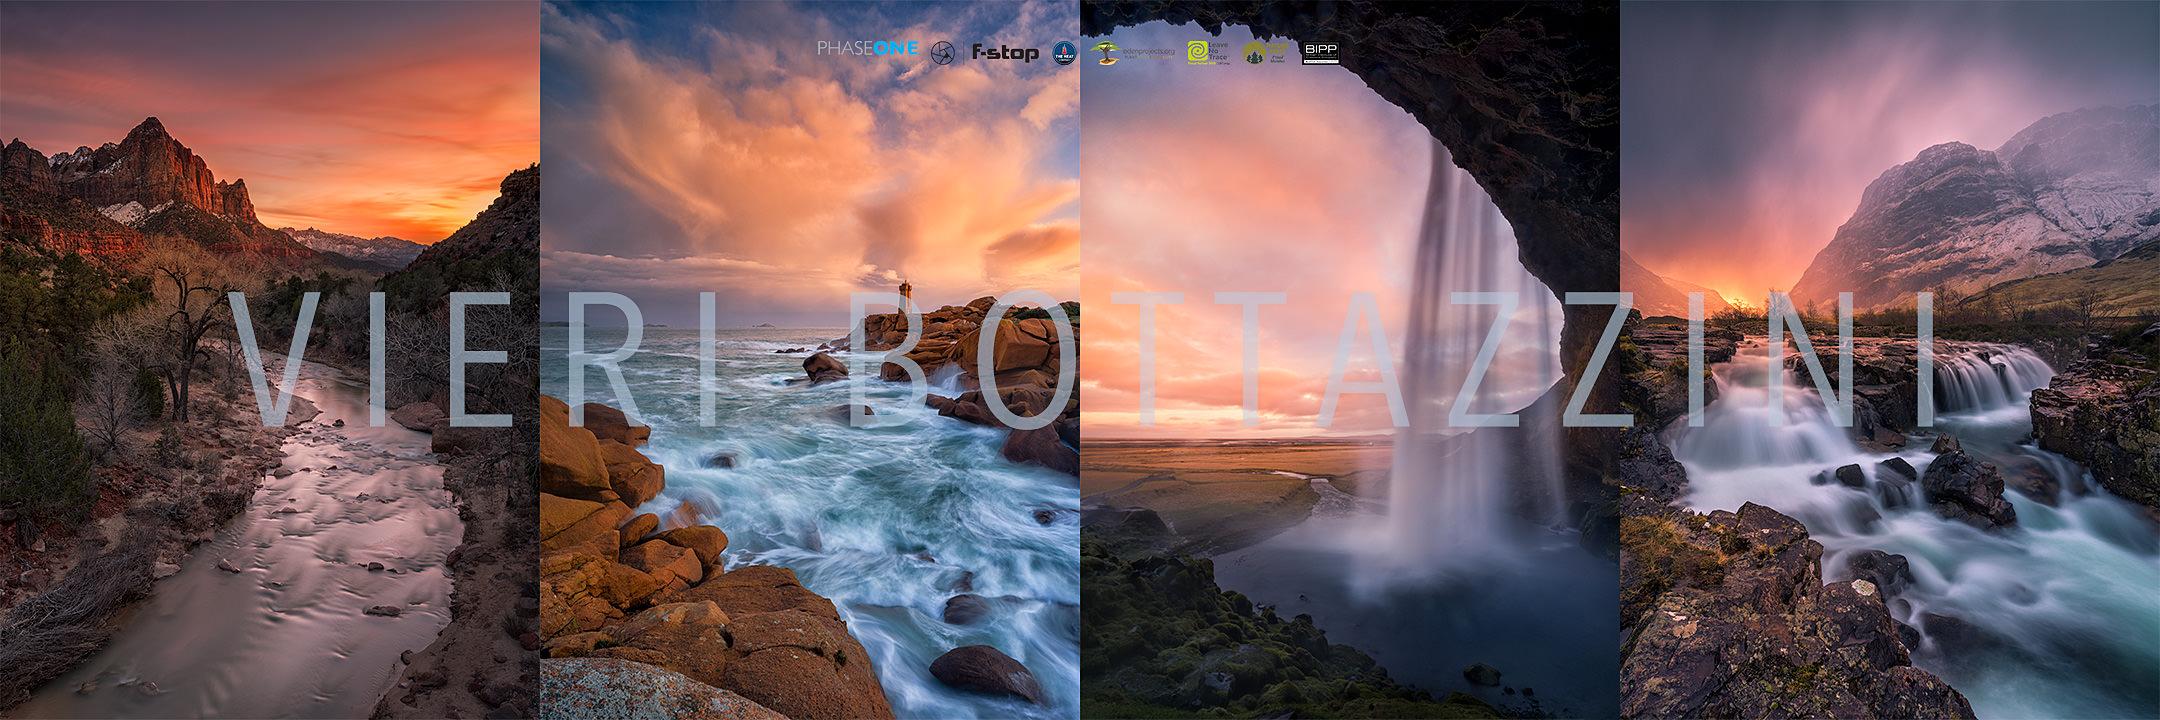 Vieri Bottazzini Colour Landscapes